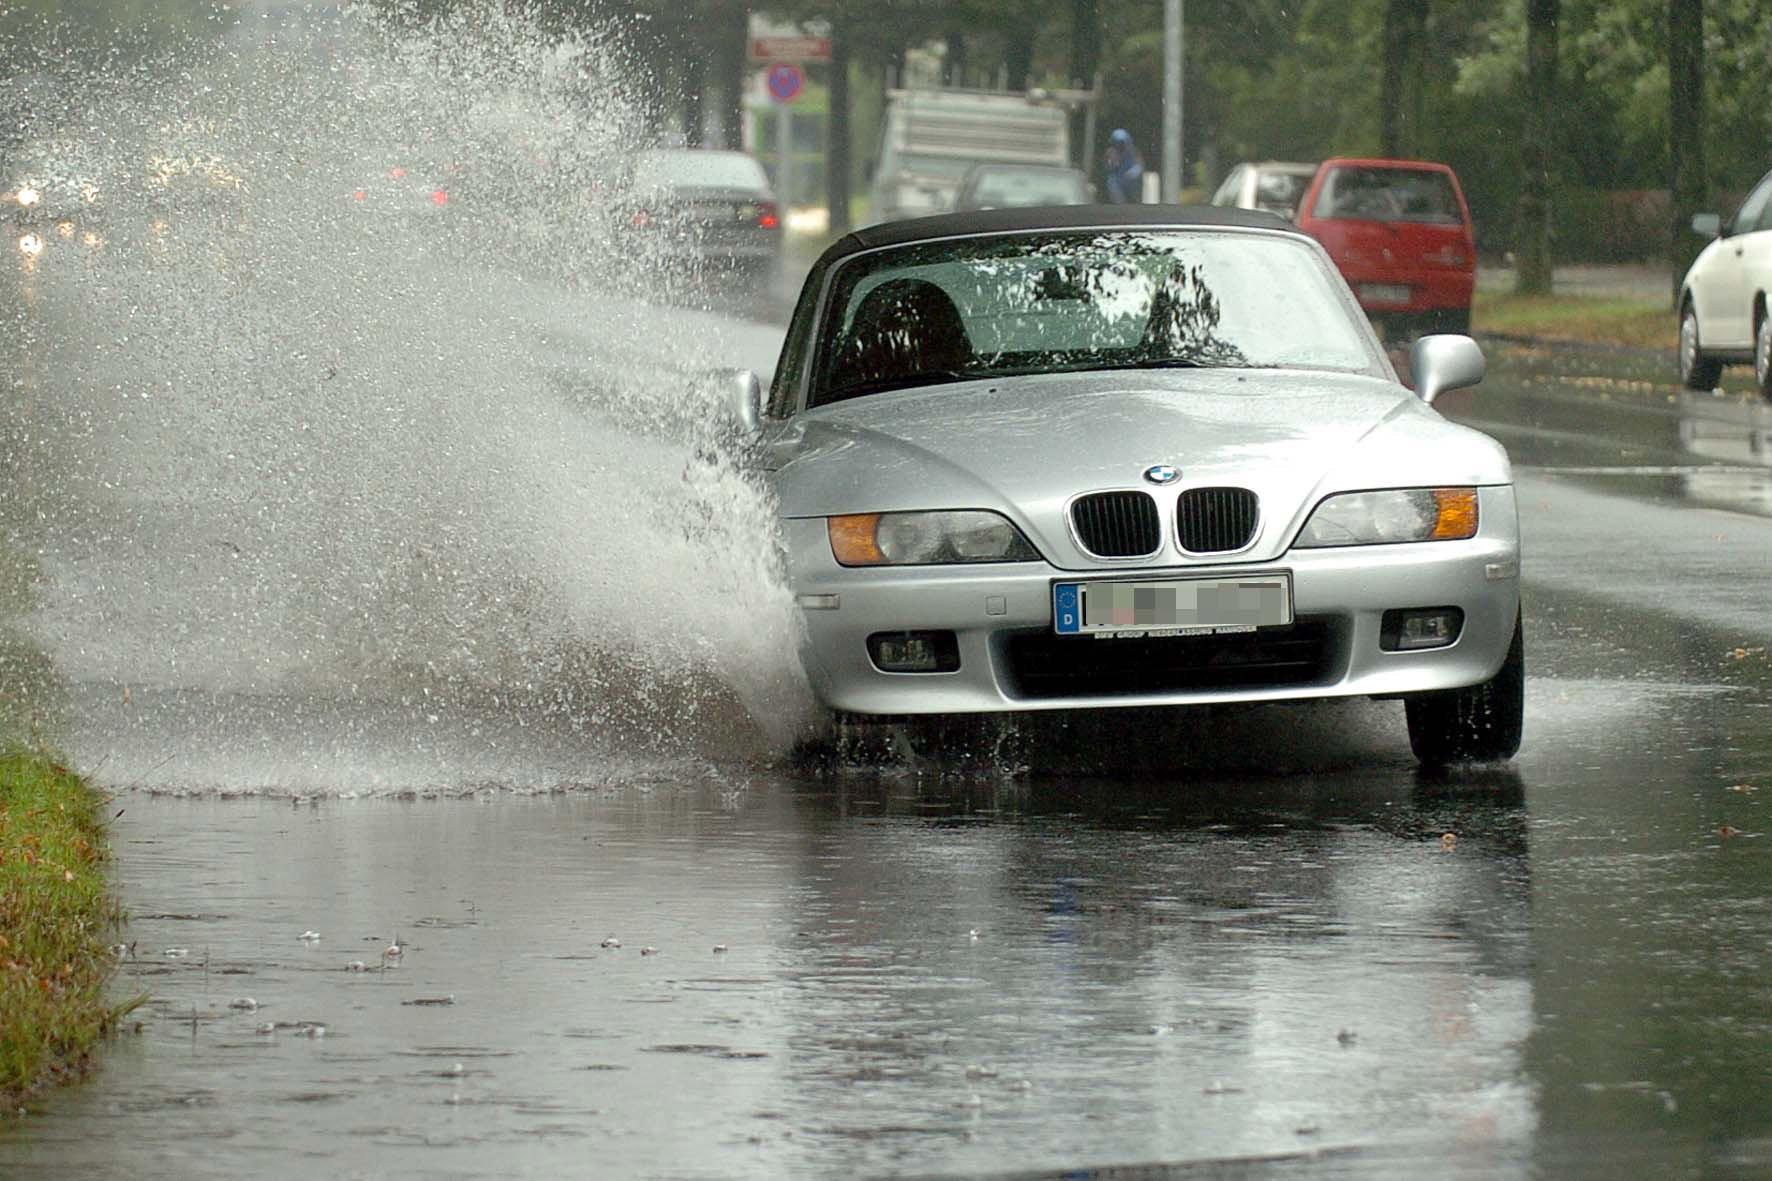 mid Düsseldorf - Mit der Wetter-App wäre das nicht passiert: Denn die informiert laufend über den Niederschlag, den wetterbedingten Straßenzustand und die Sichtverhältnisse auf der geplanten Reise- oder Fahrtroute.